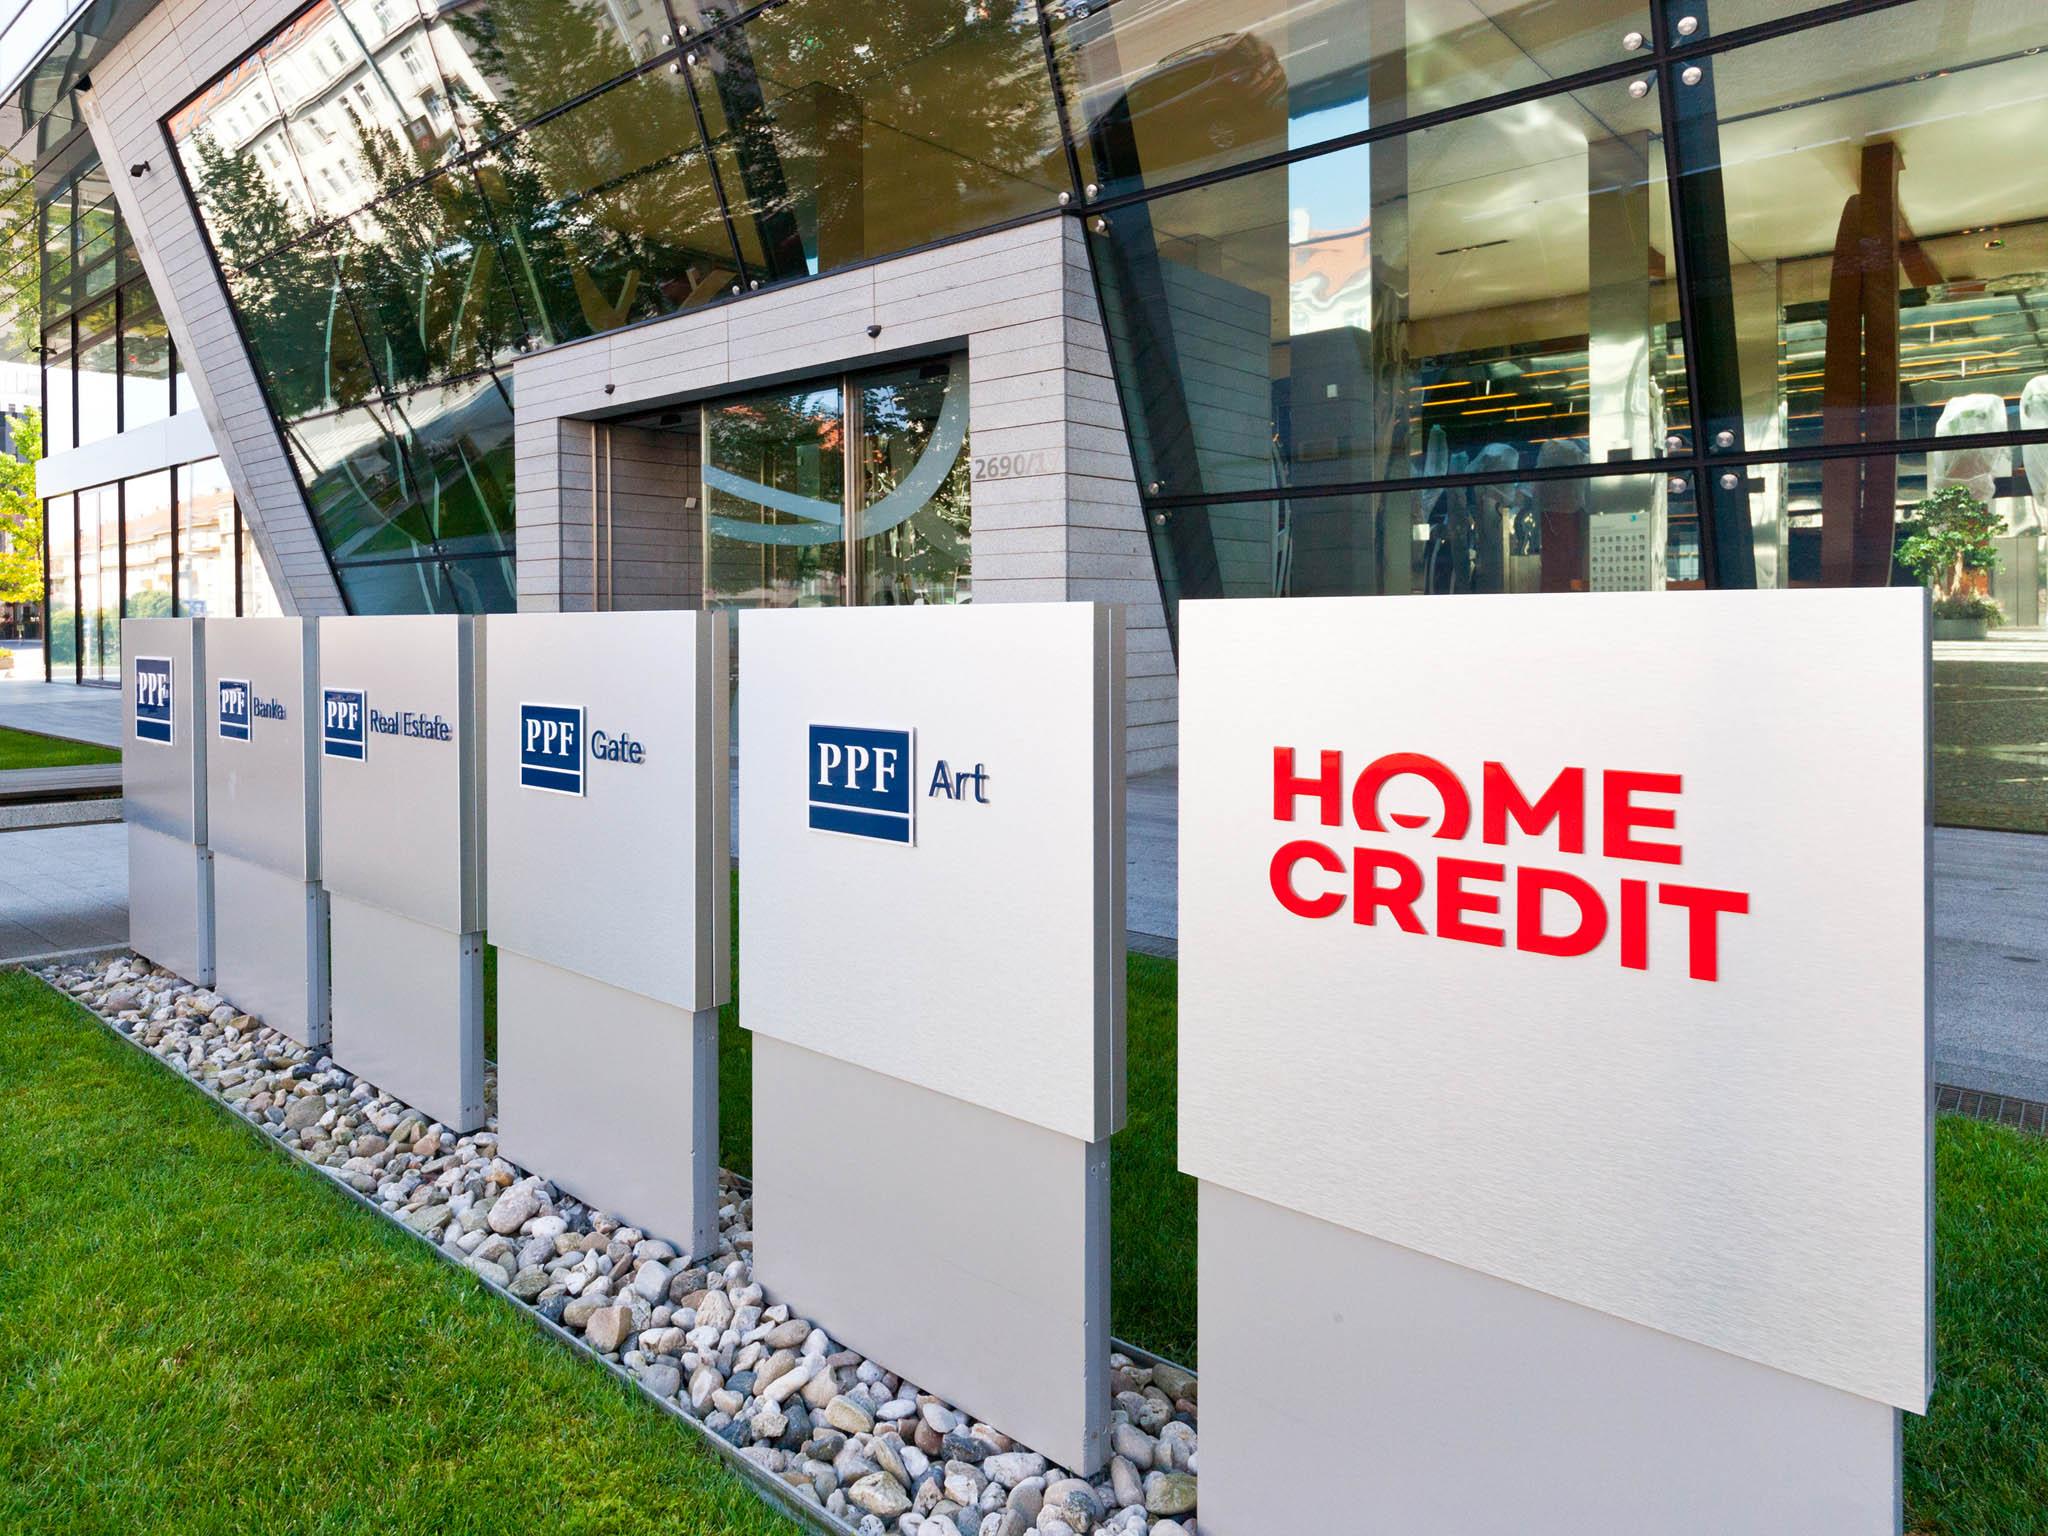 Skupina Home Credit, která poskytuje spotřebitelské půjčky, vykázala vprvním pololetí ztrátu 619 milionů eur (16,8 miliardy korun).